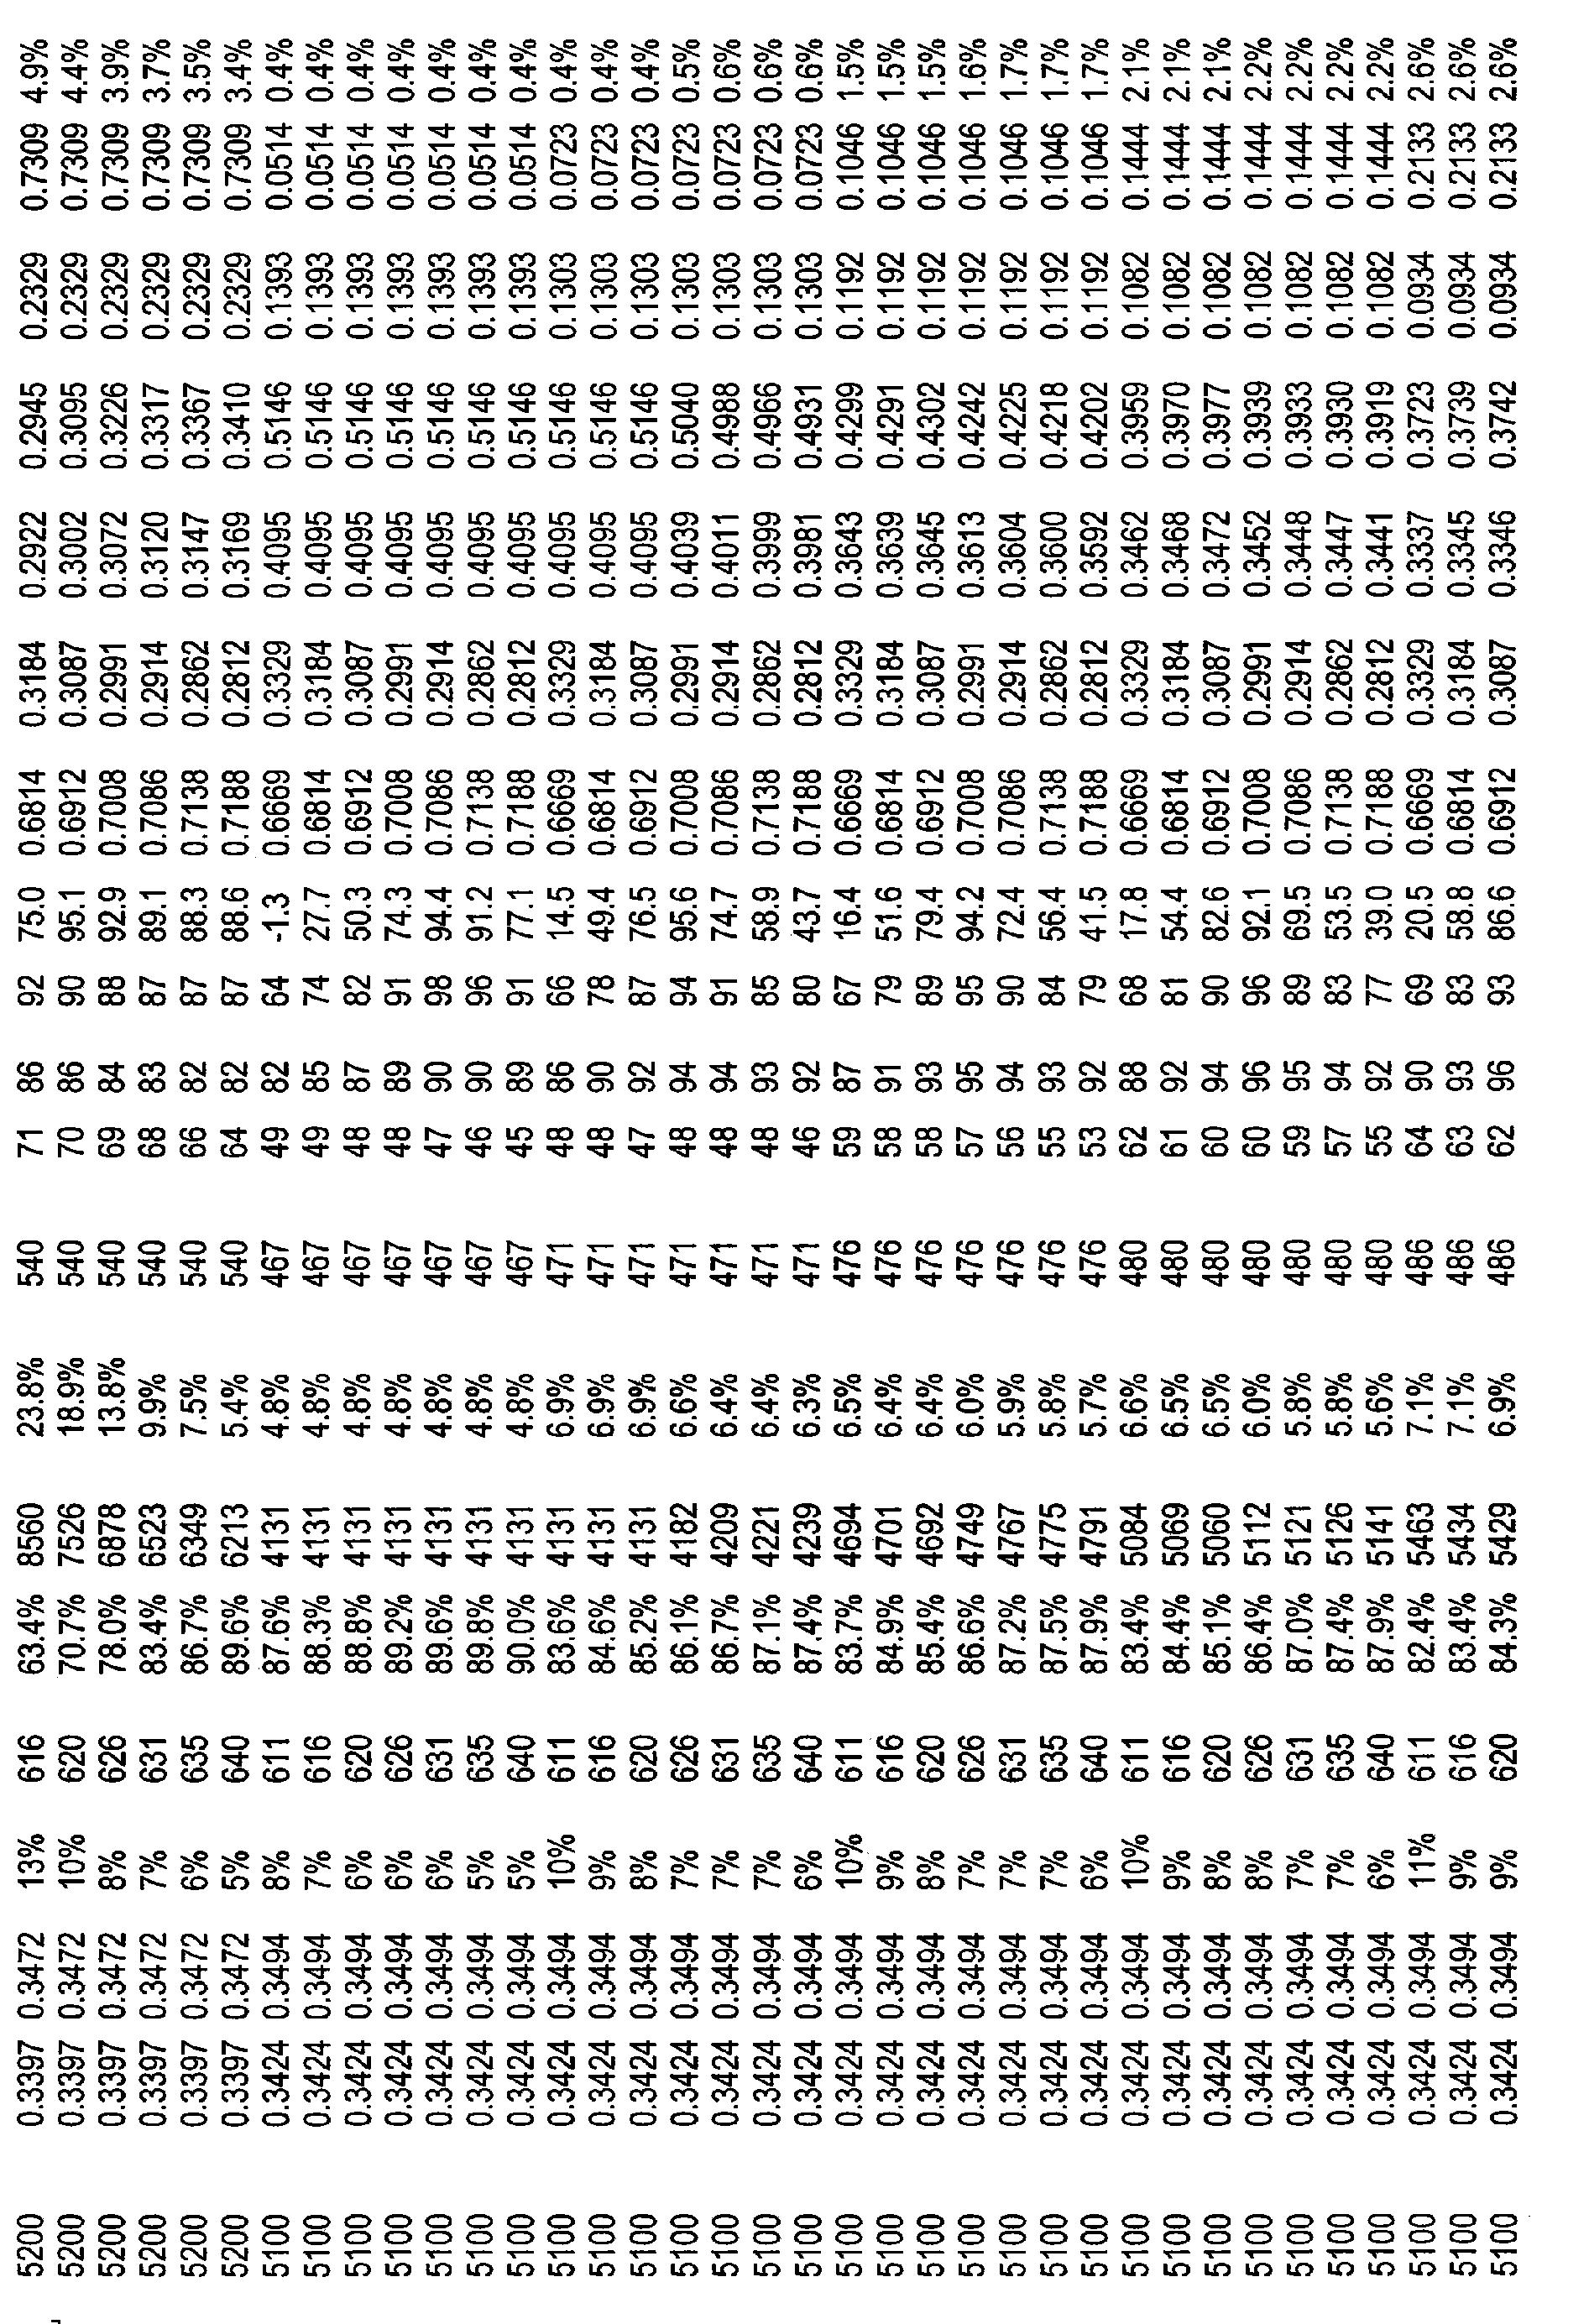 Figure CN101821544BD00611